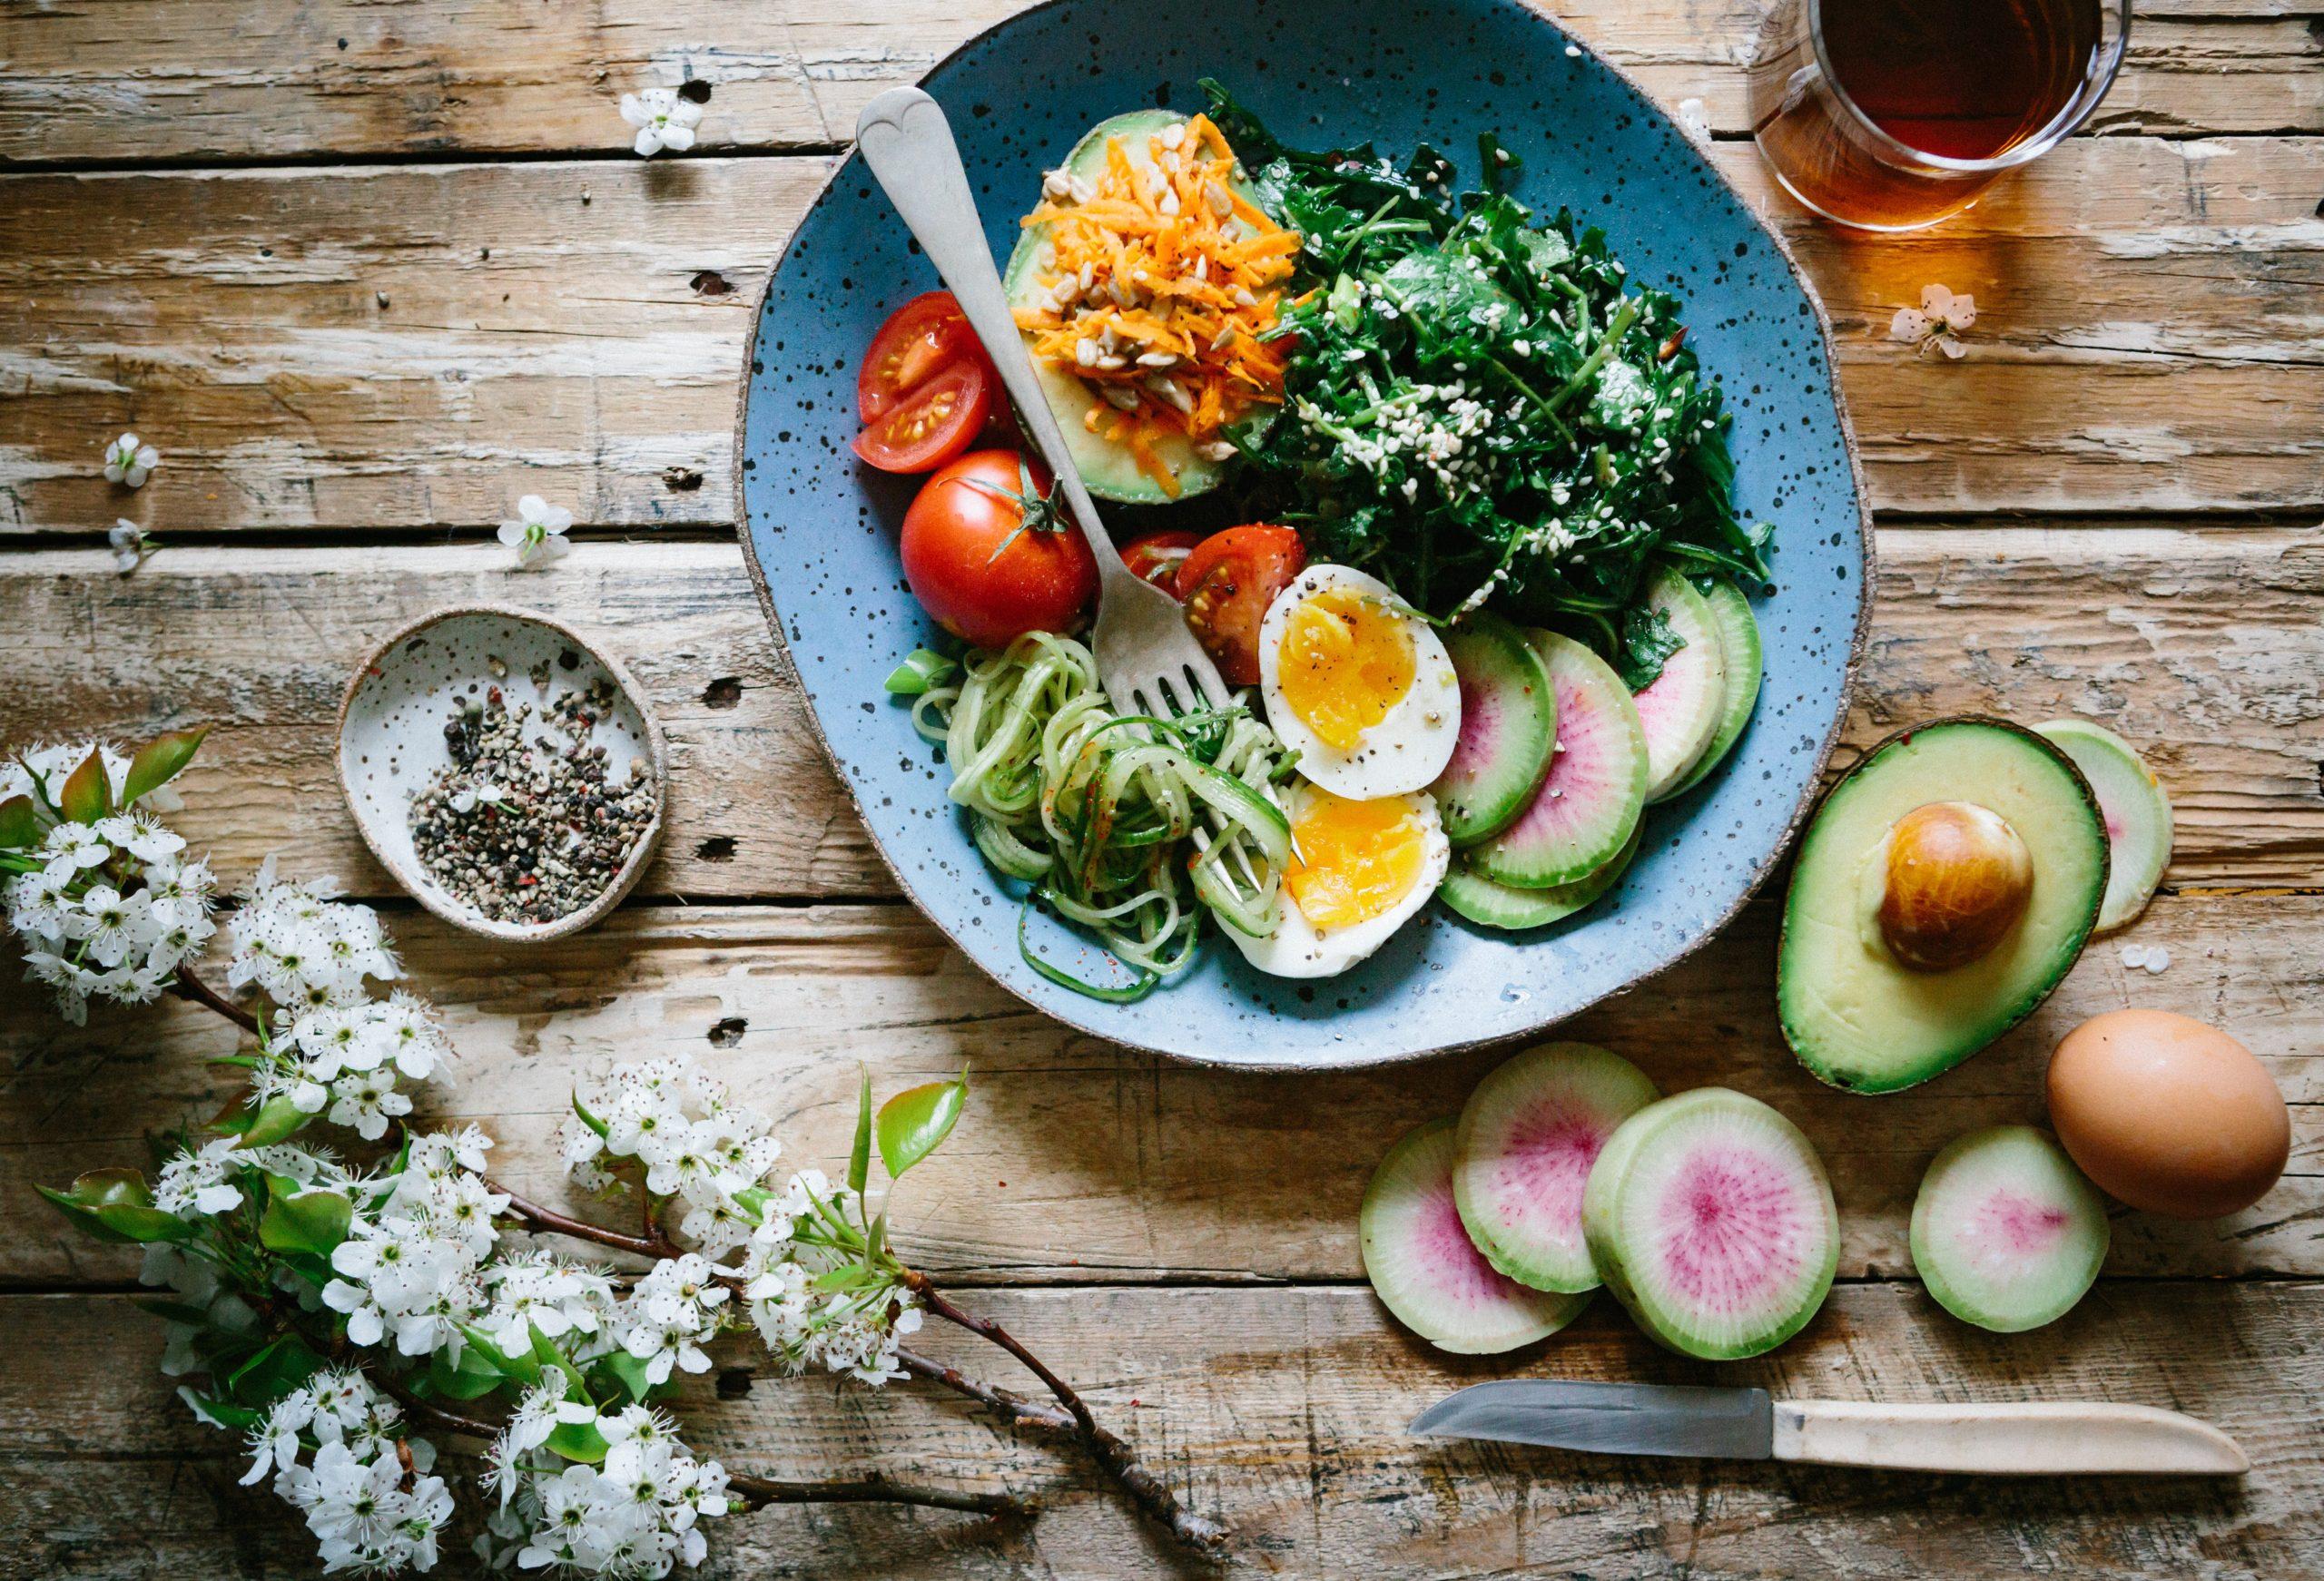 Los 8 errores más comunes en las dietas postverano